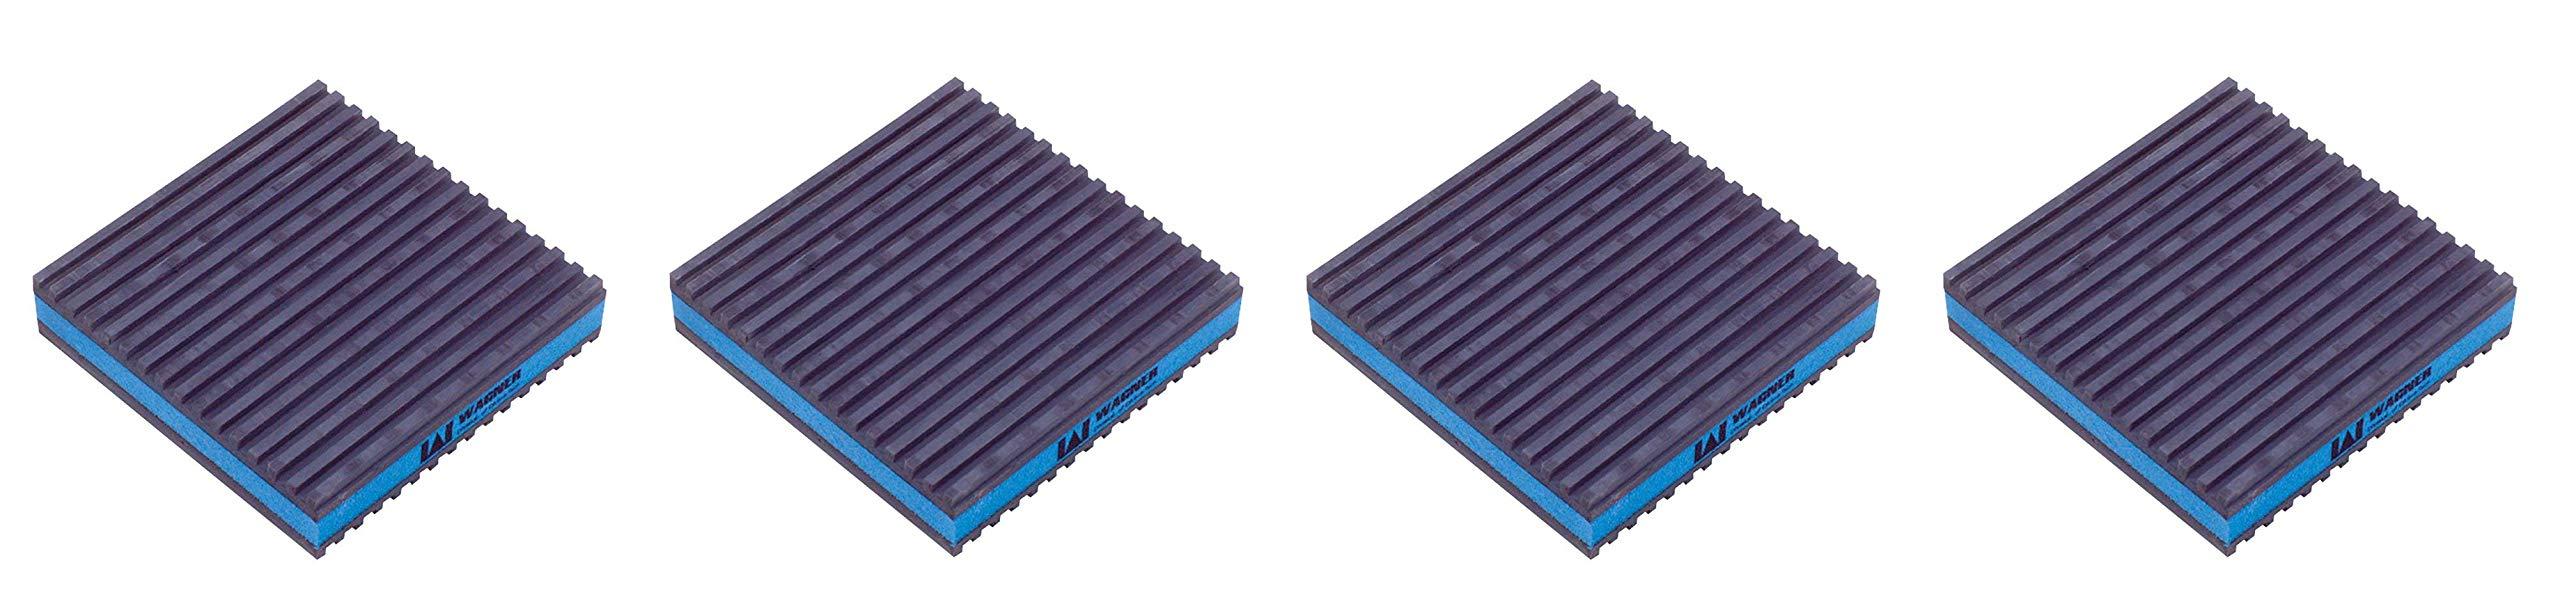 Diversitech MP-4E Eva Anti Vibration Pad, 4 x 4 x 7/8 (Fоur Paсk)